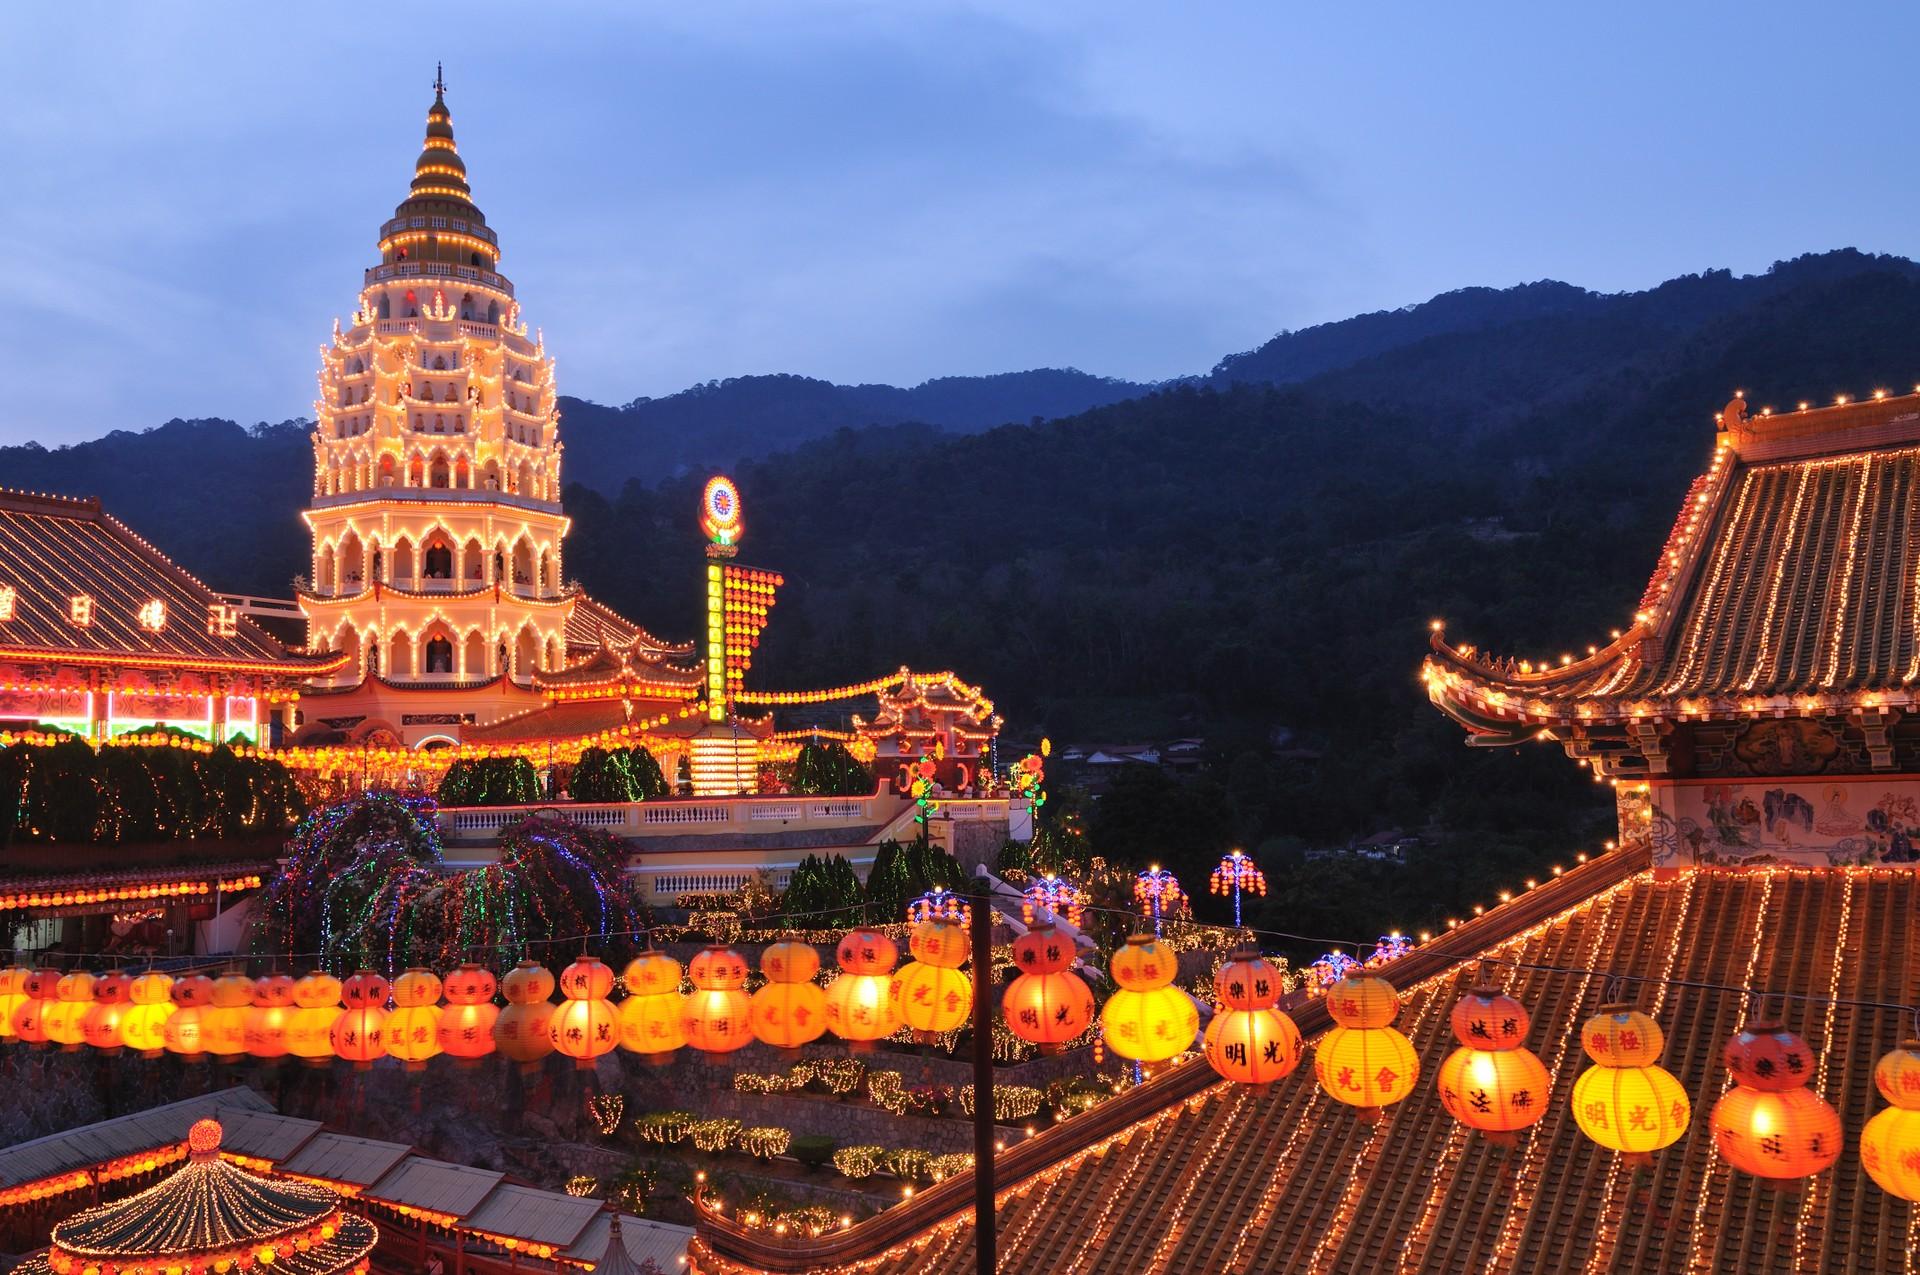 Kek Lok Si Temple in Penang